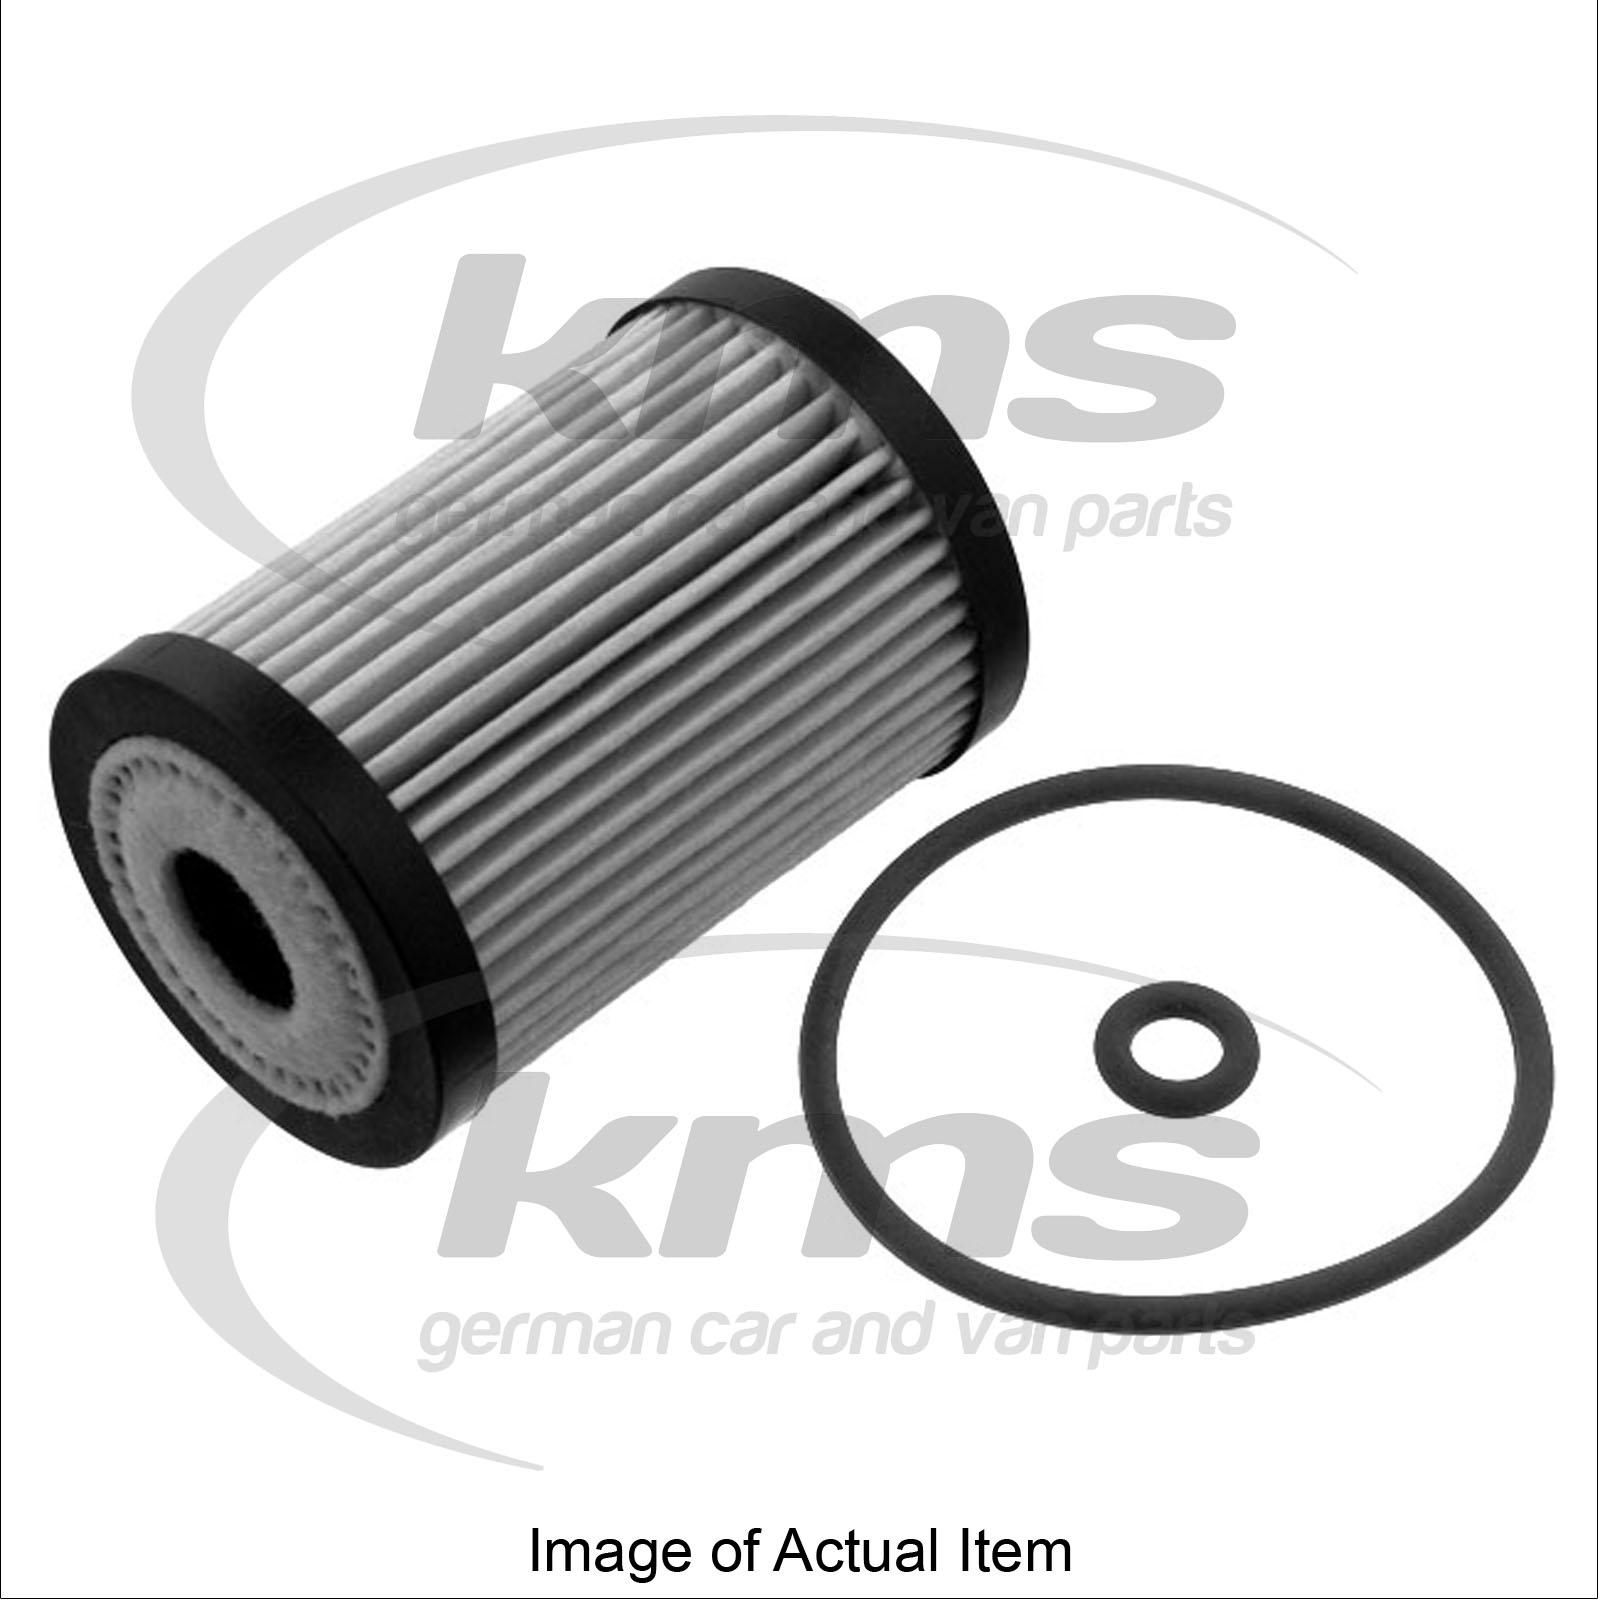 Oil filter mercedes benz a class hatchback a190 w168 1 9l for Mercedes benz oil filters